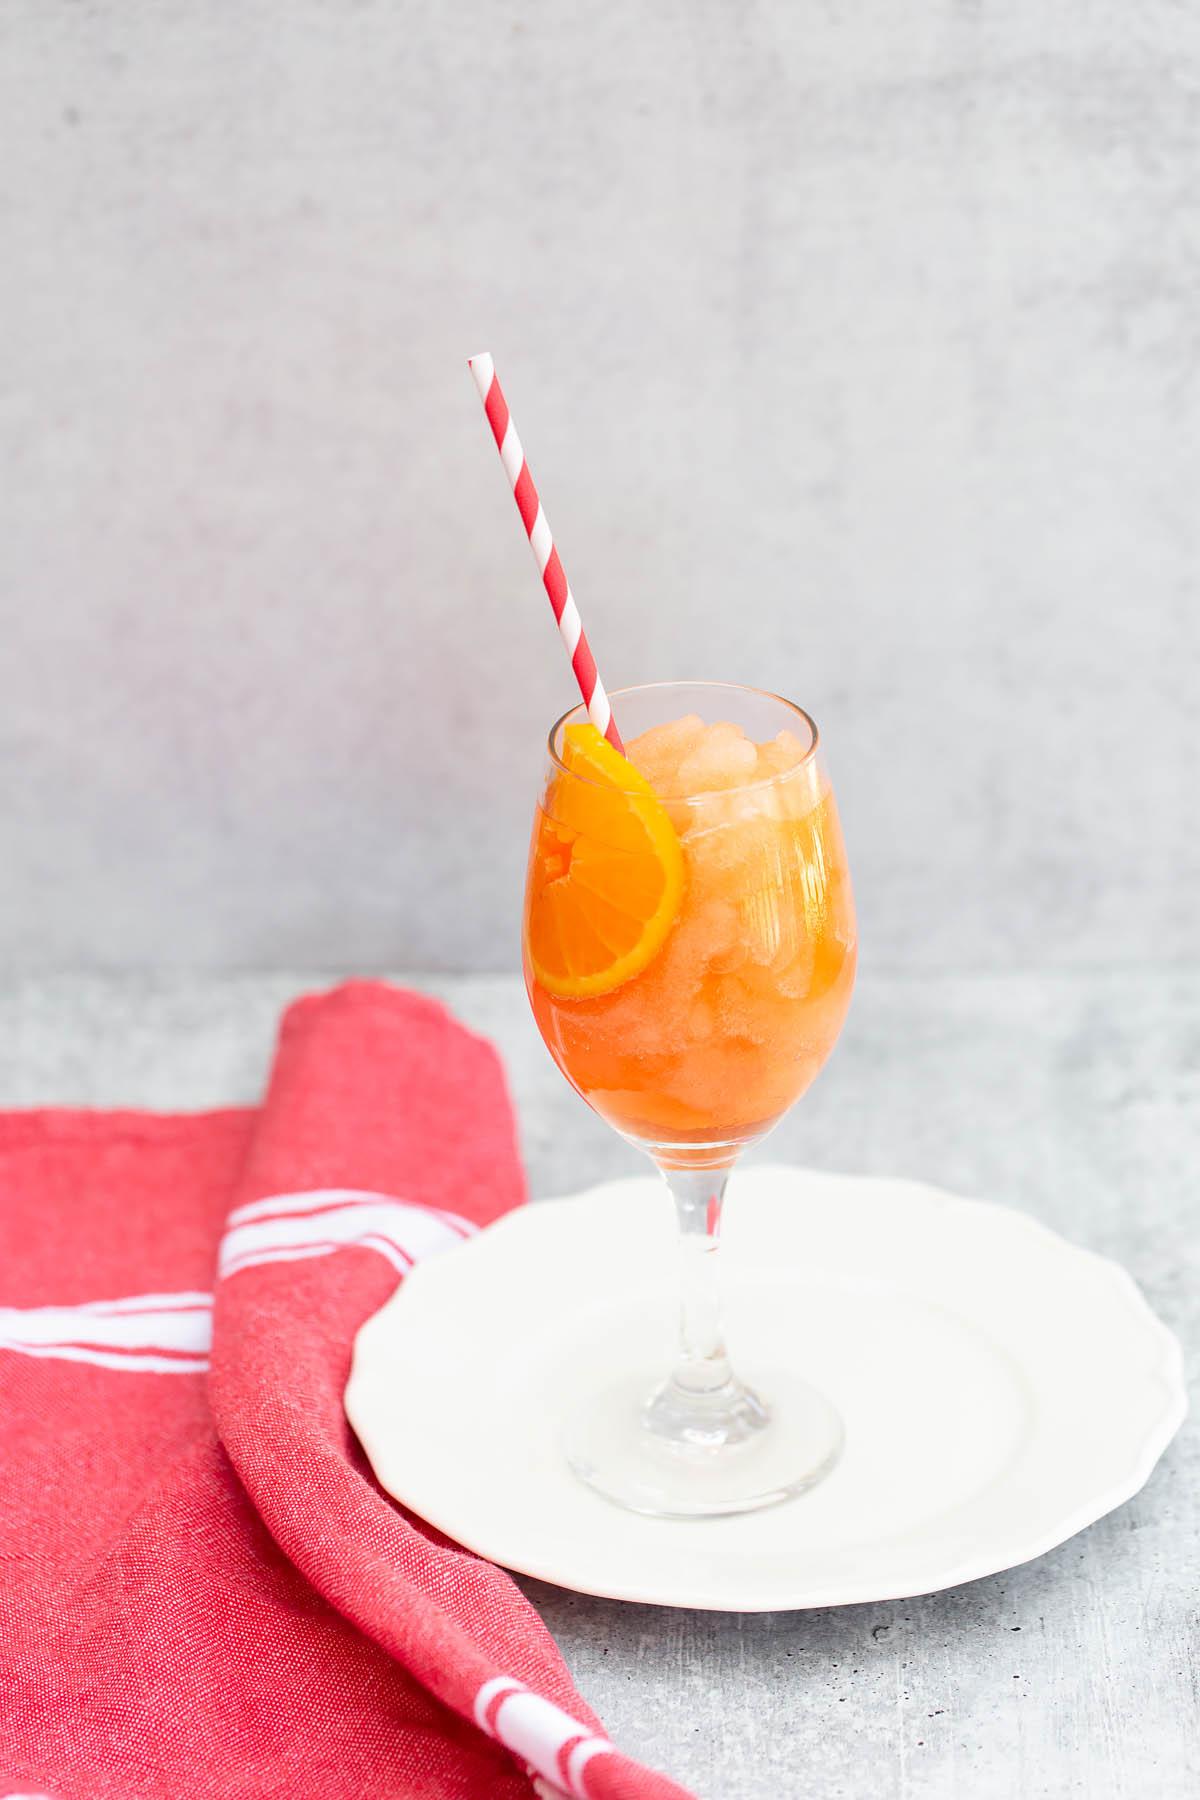 frozen aperol spritz with a straw